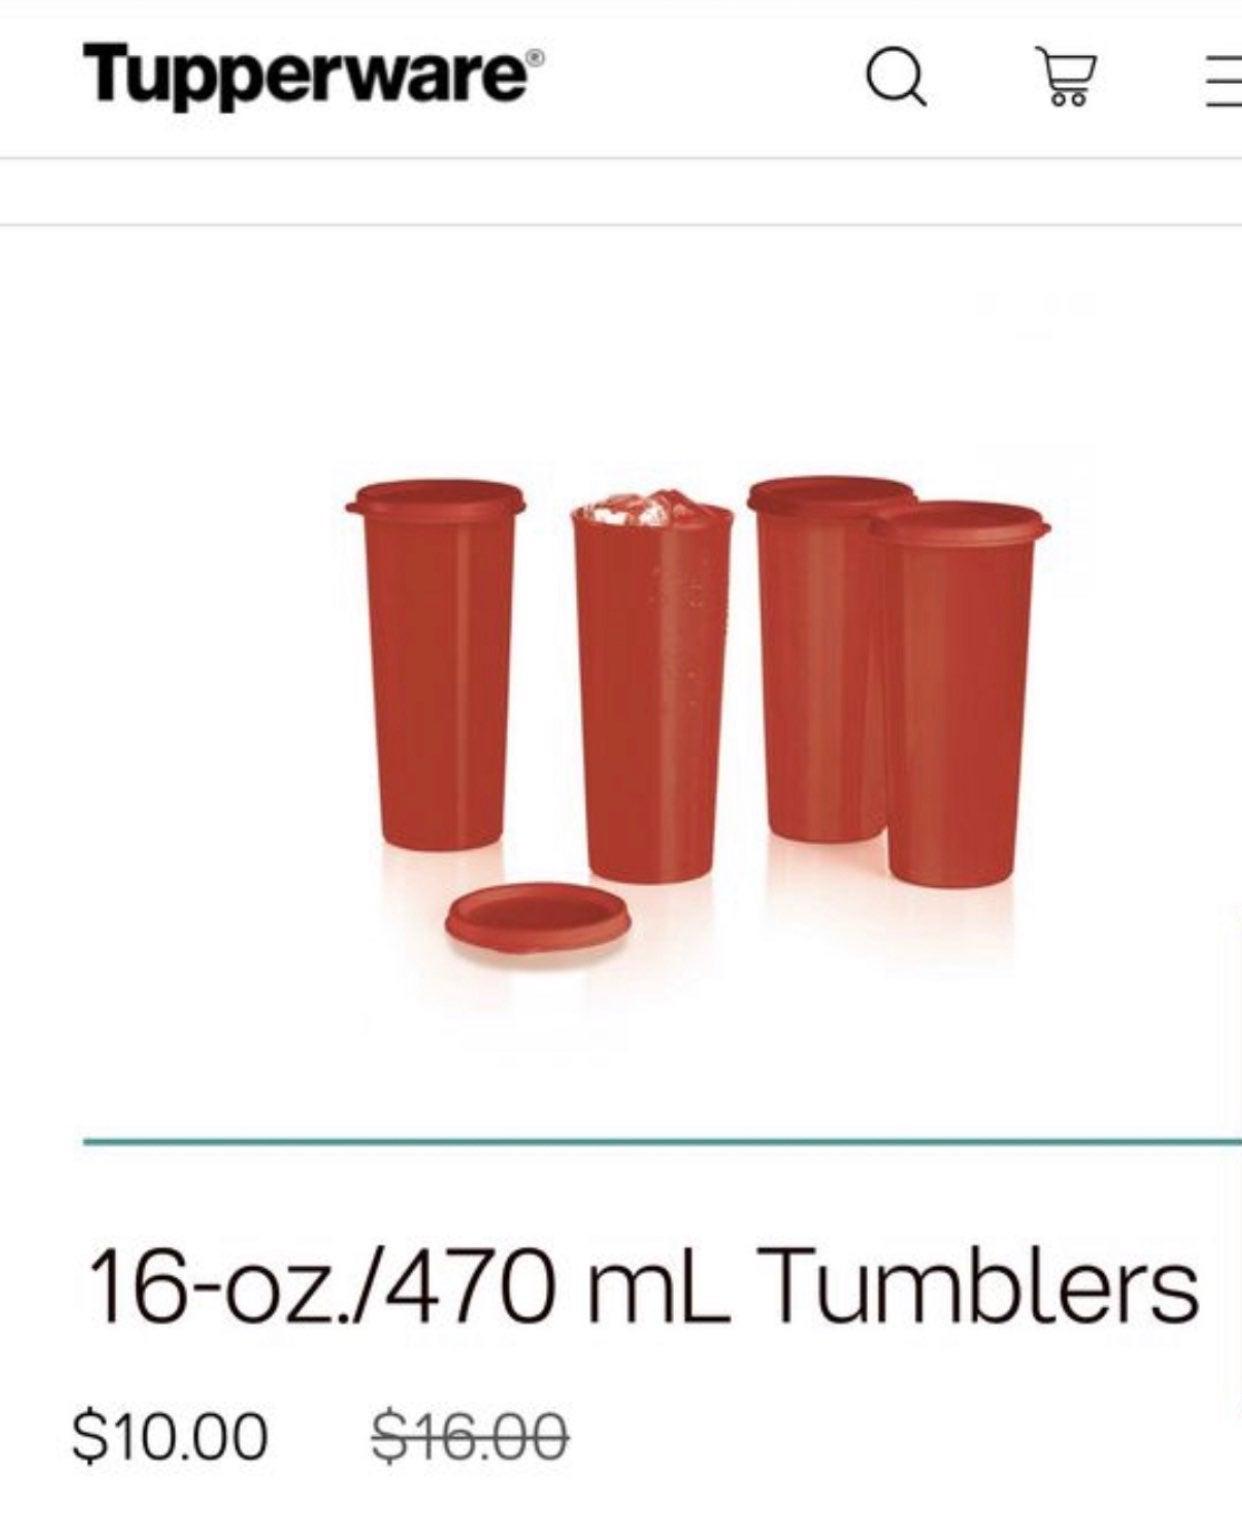 Tupperware tumblers